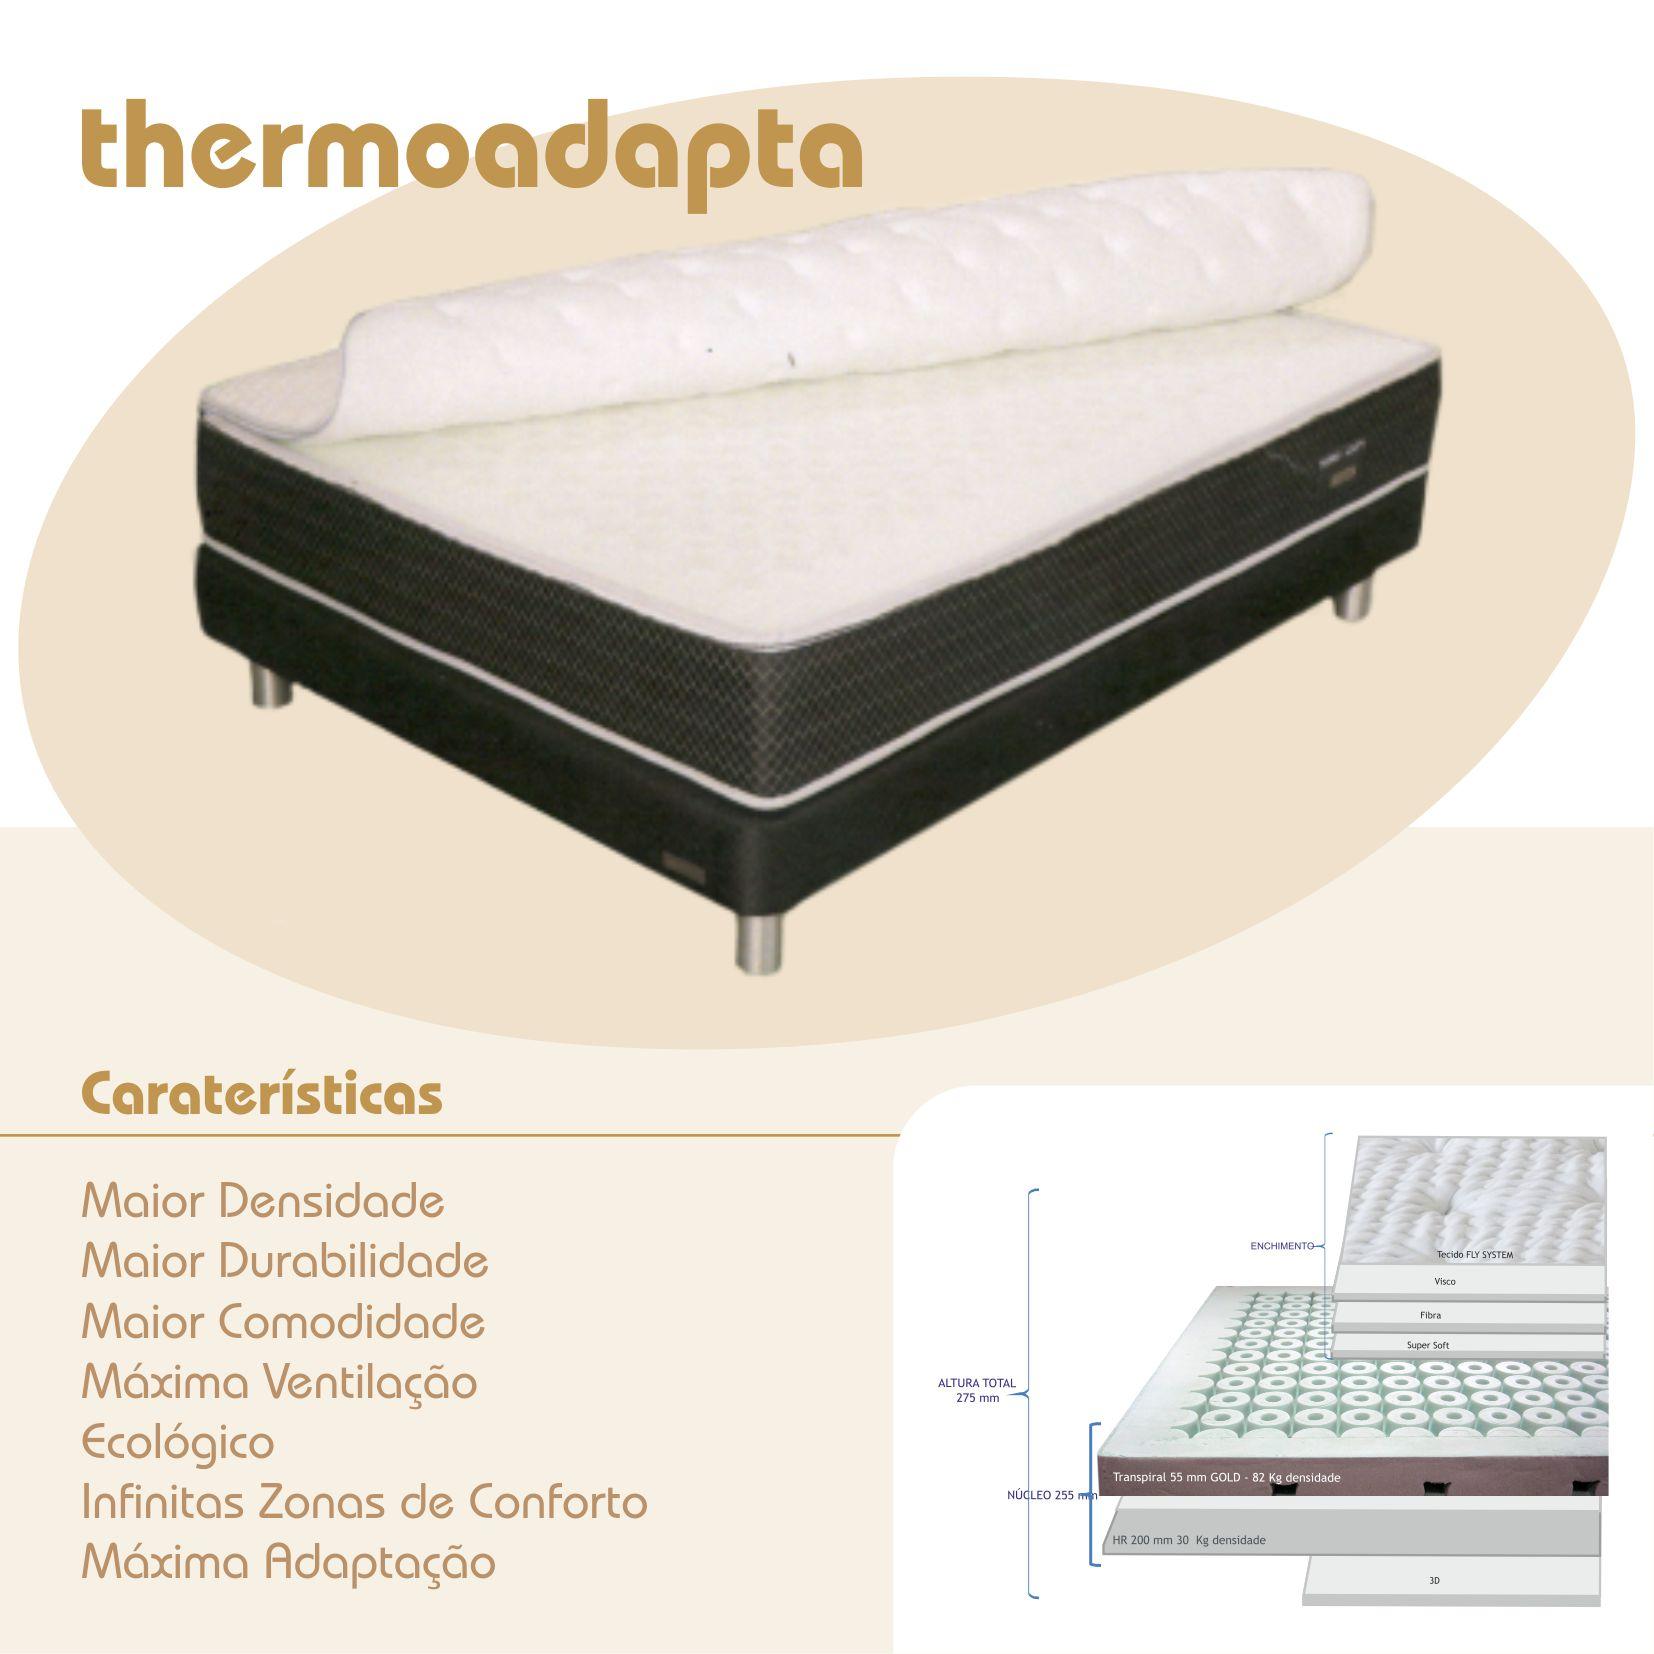 thermoadapta